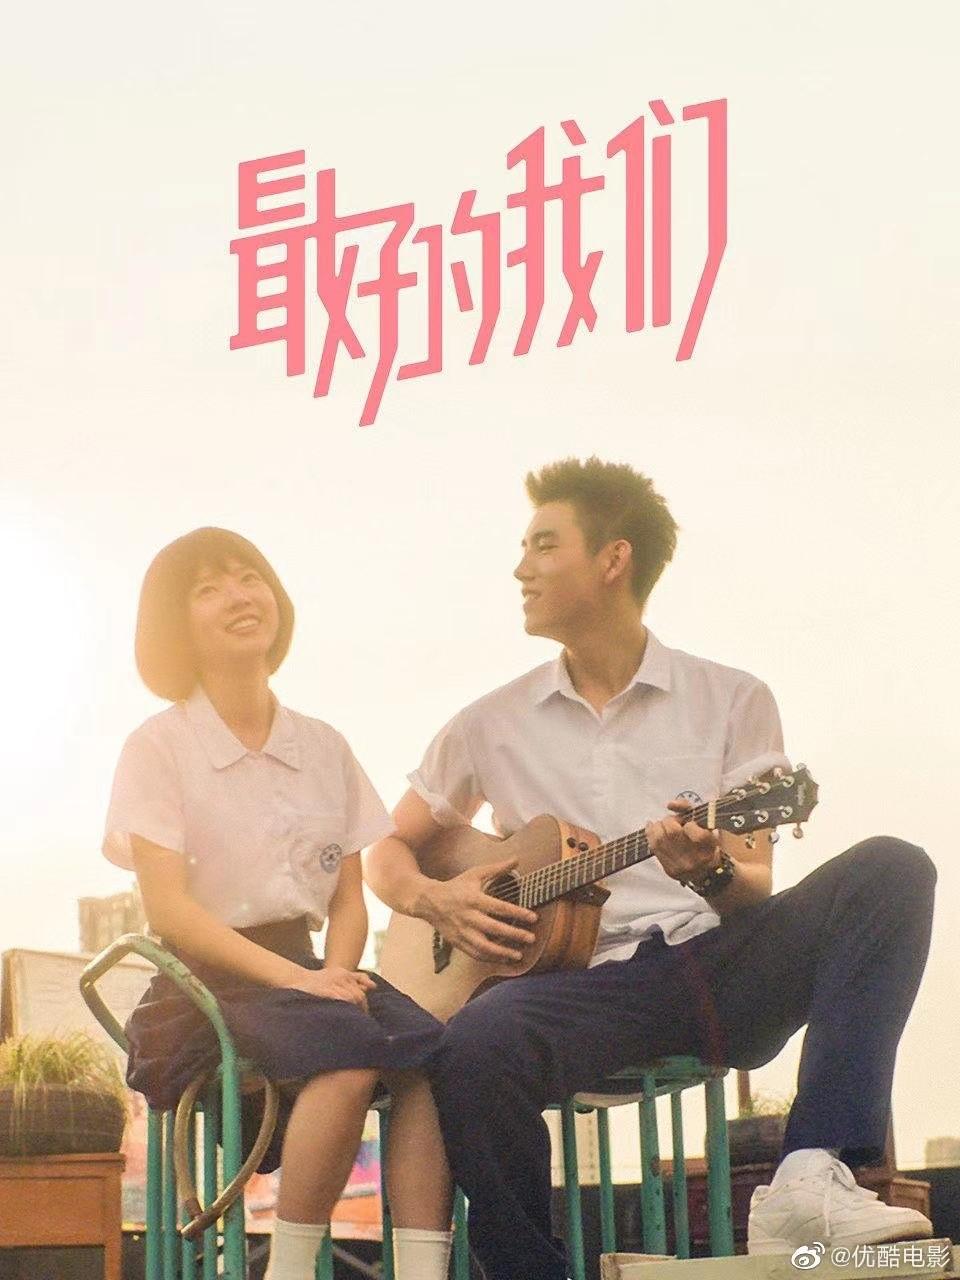 北京大学生电影节 何蓝逗直播解读《最好的我们